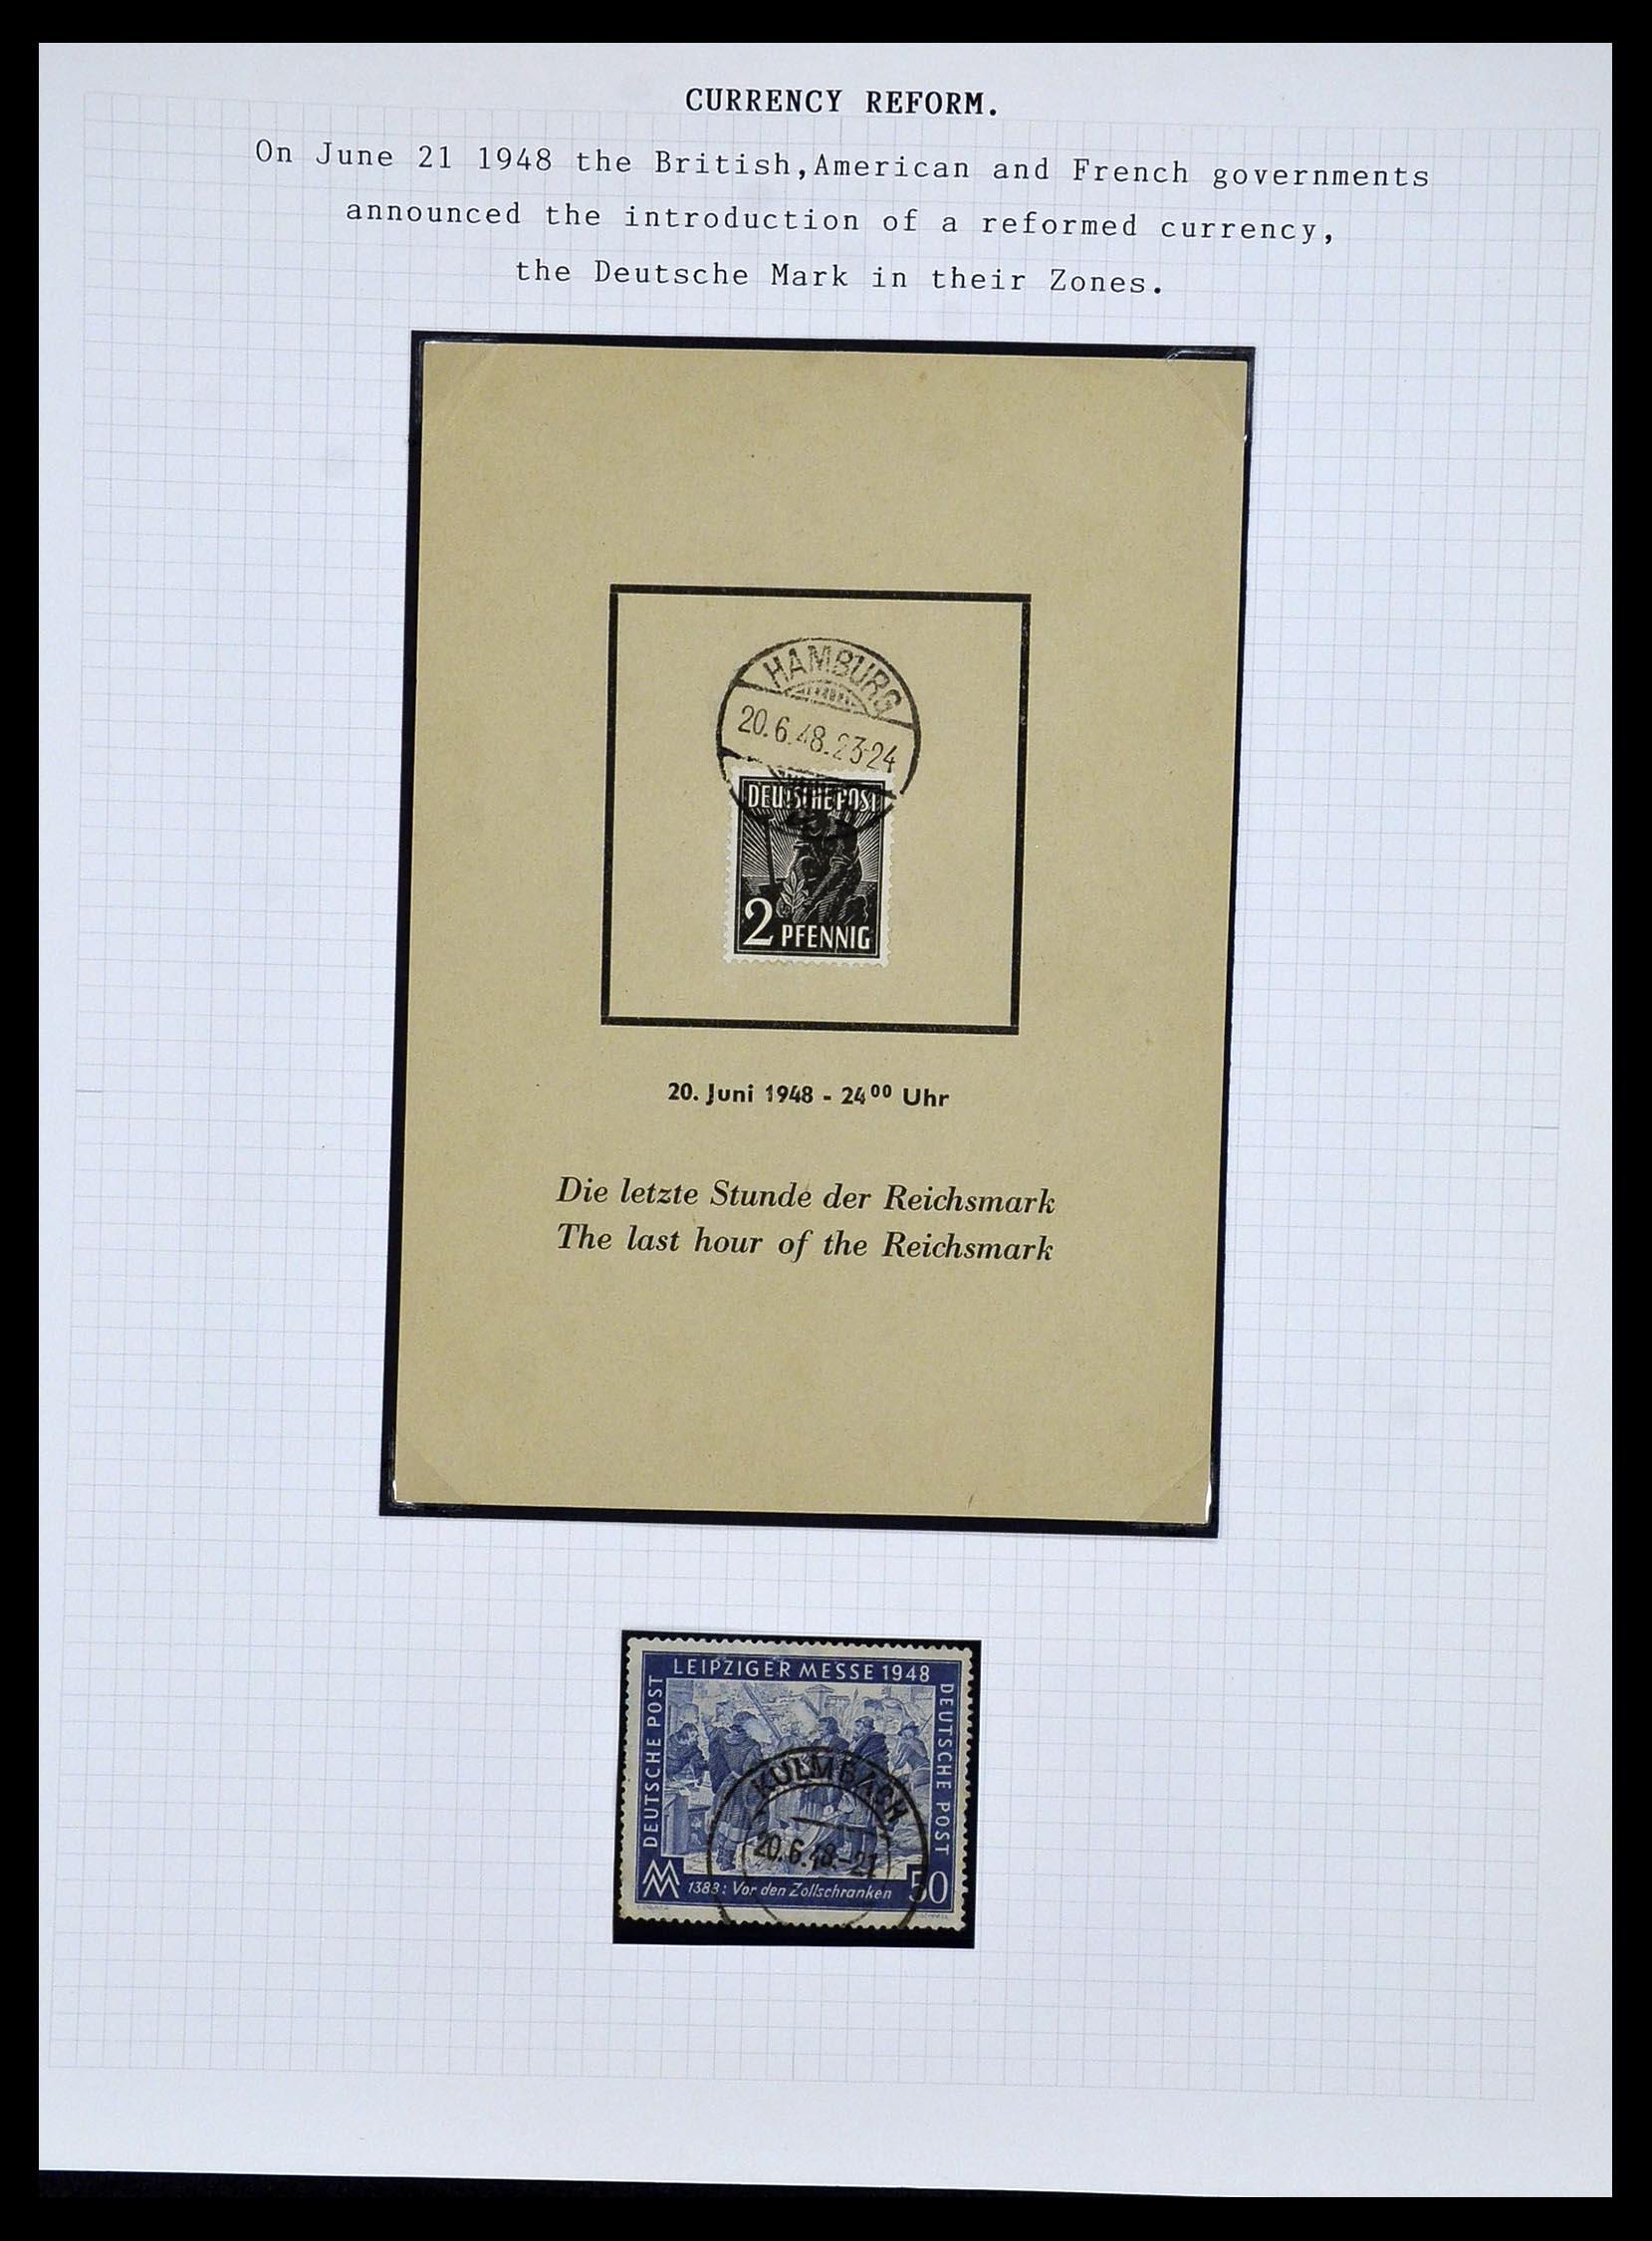 34032 017 - Postzegelverzameling 34032 Duitse Zones 1945-1948.